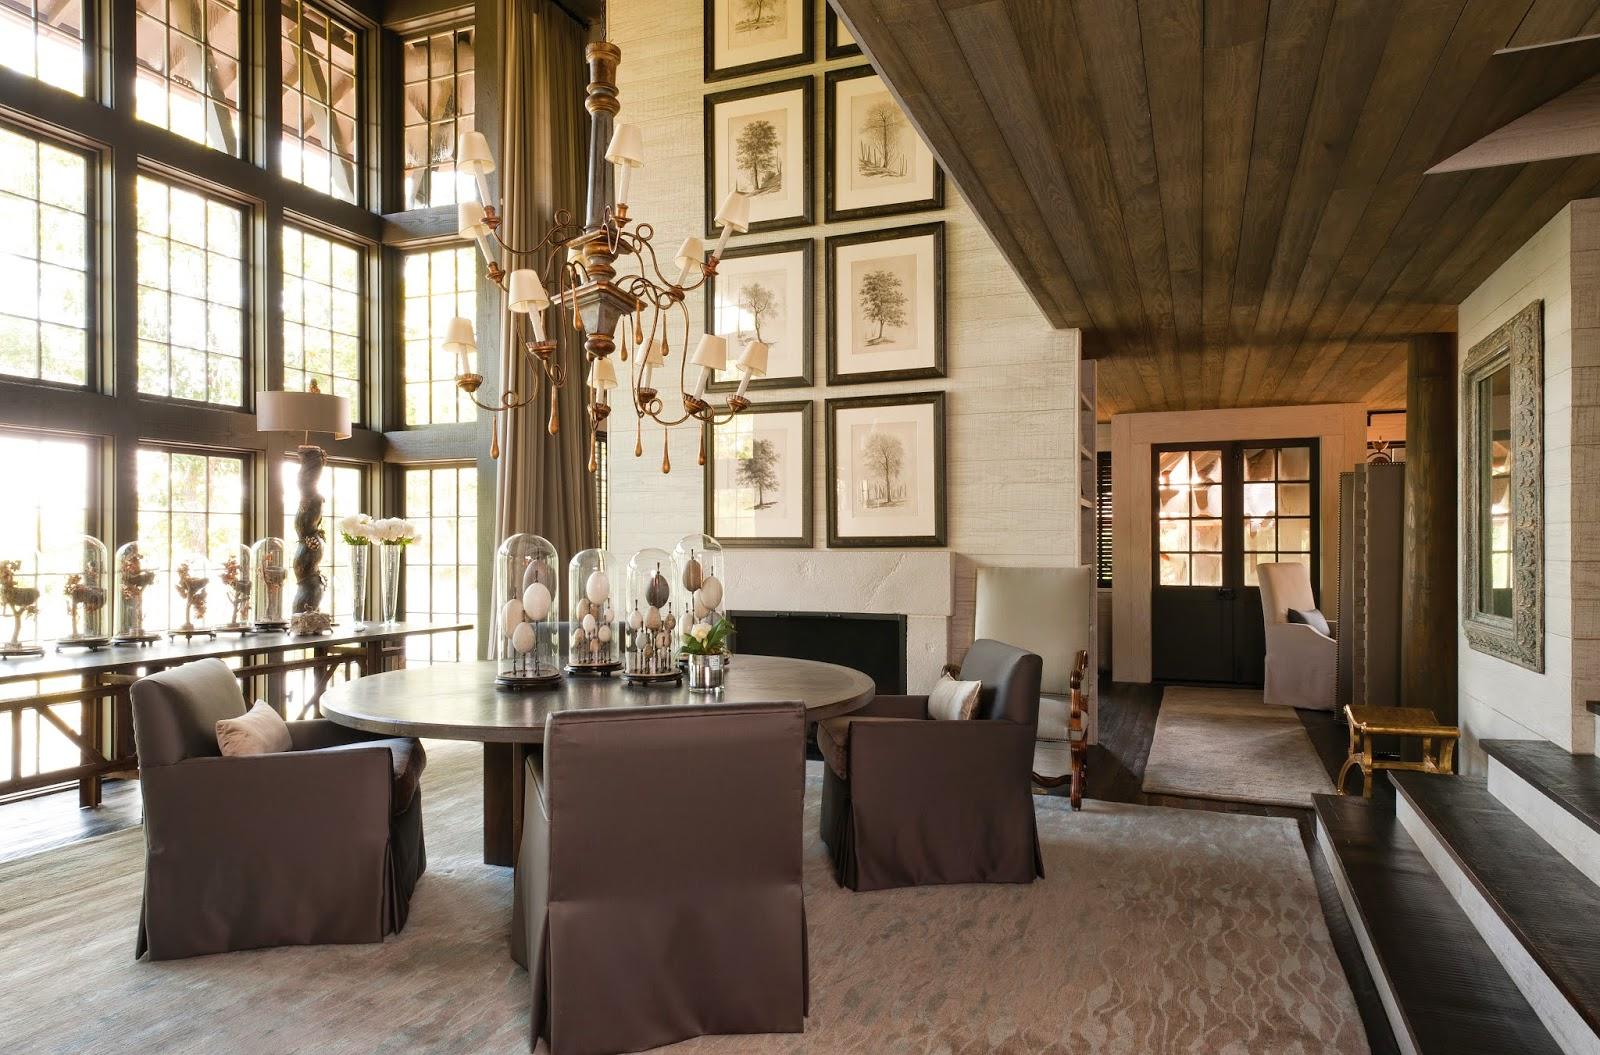 Susan Ferrier splendid sass: bobby mcalpine and susan ferrier ~ art of the house